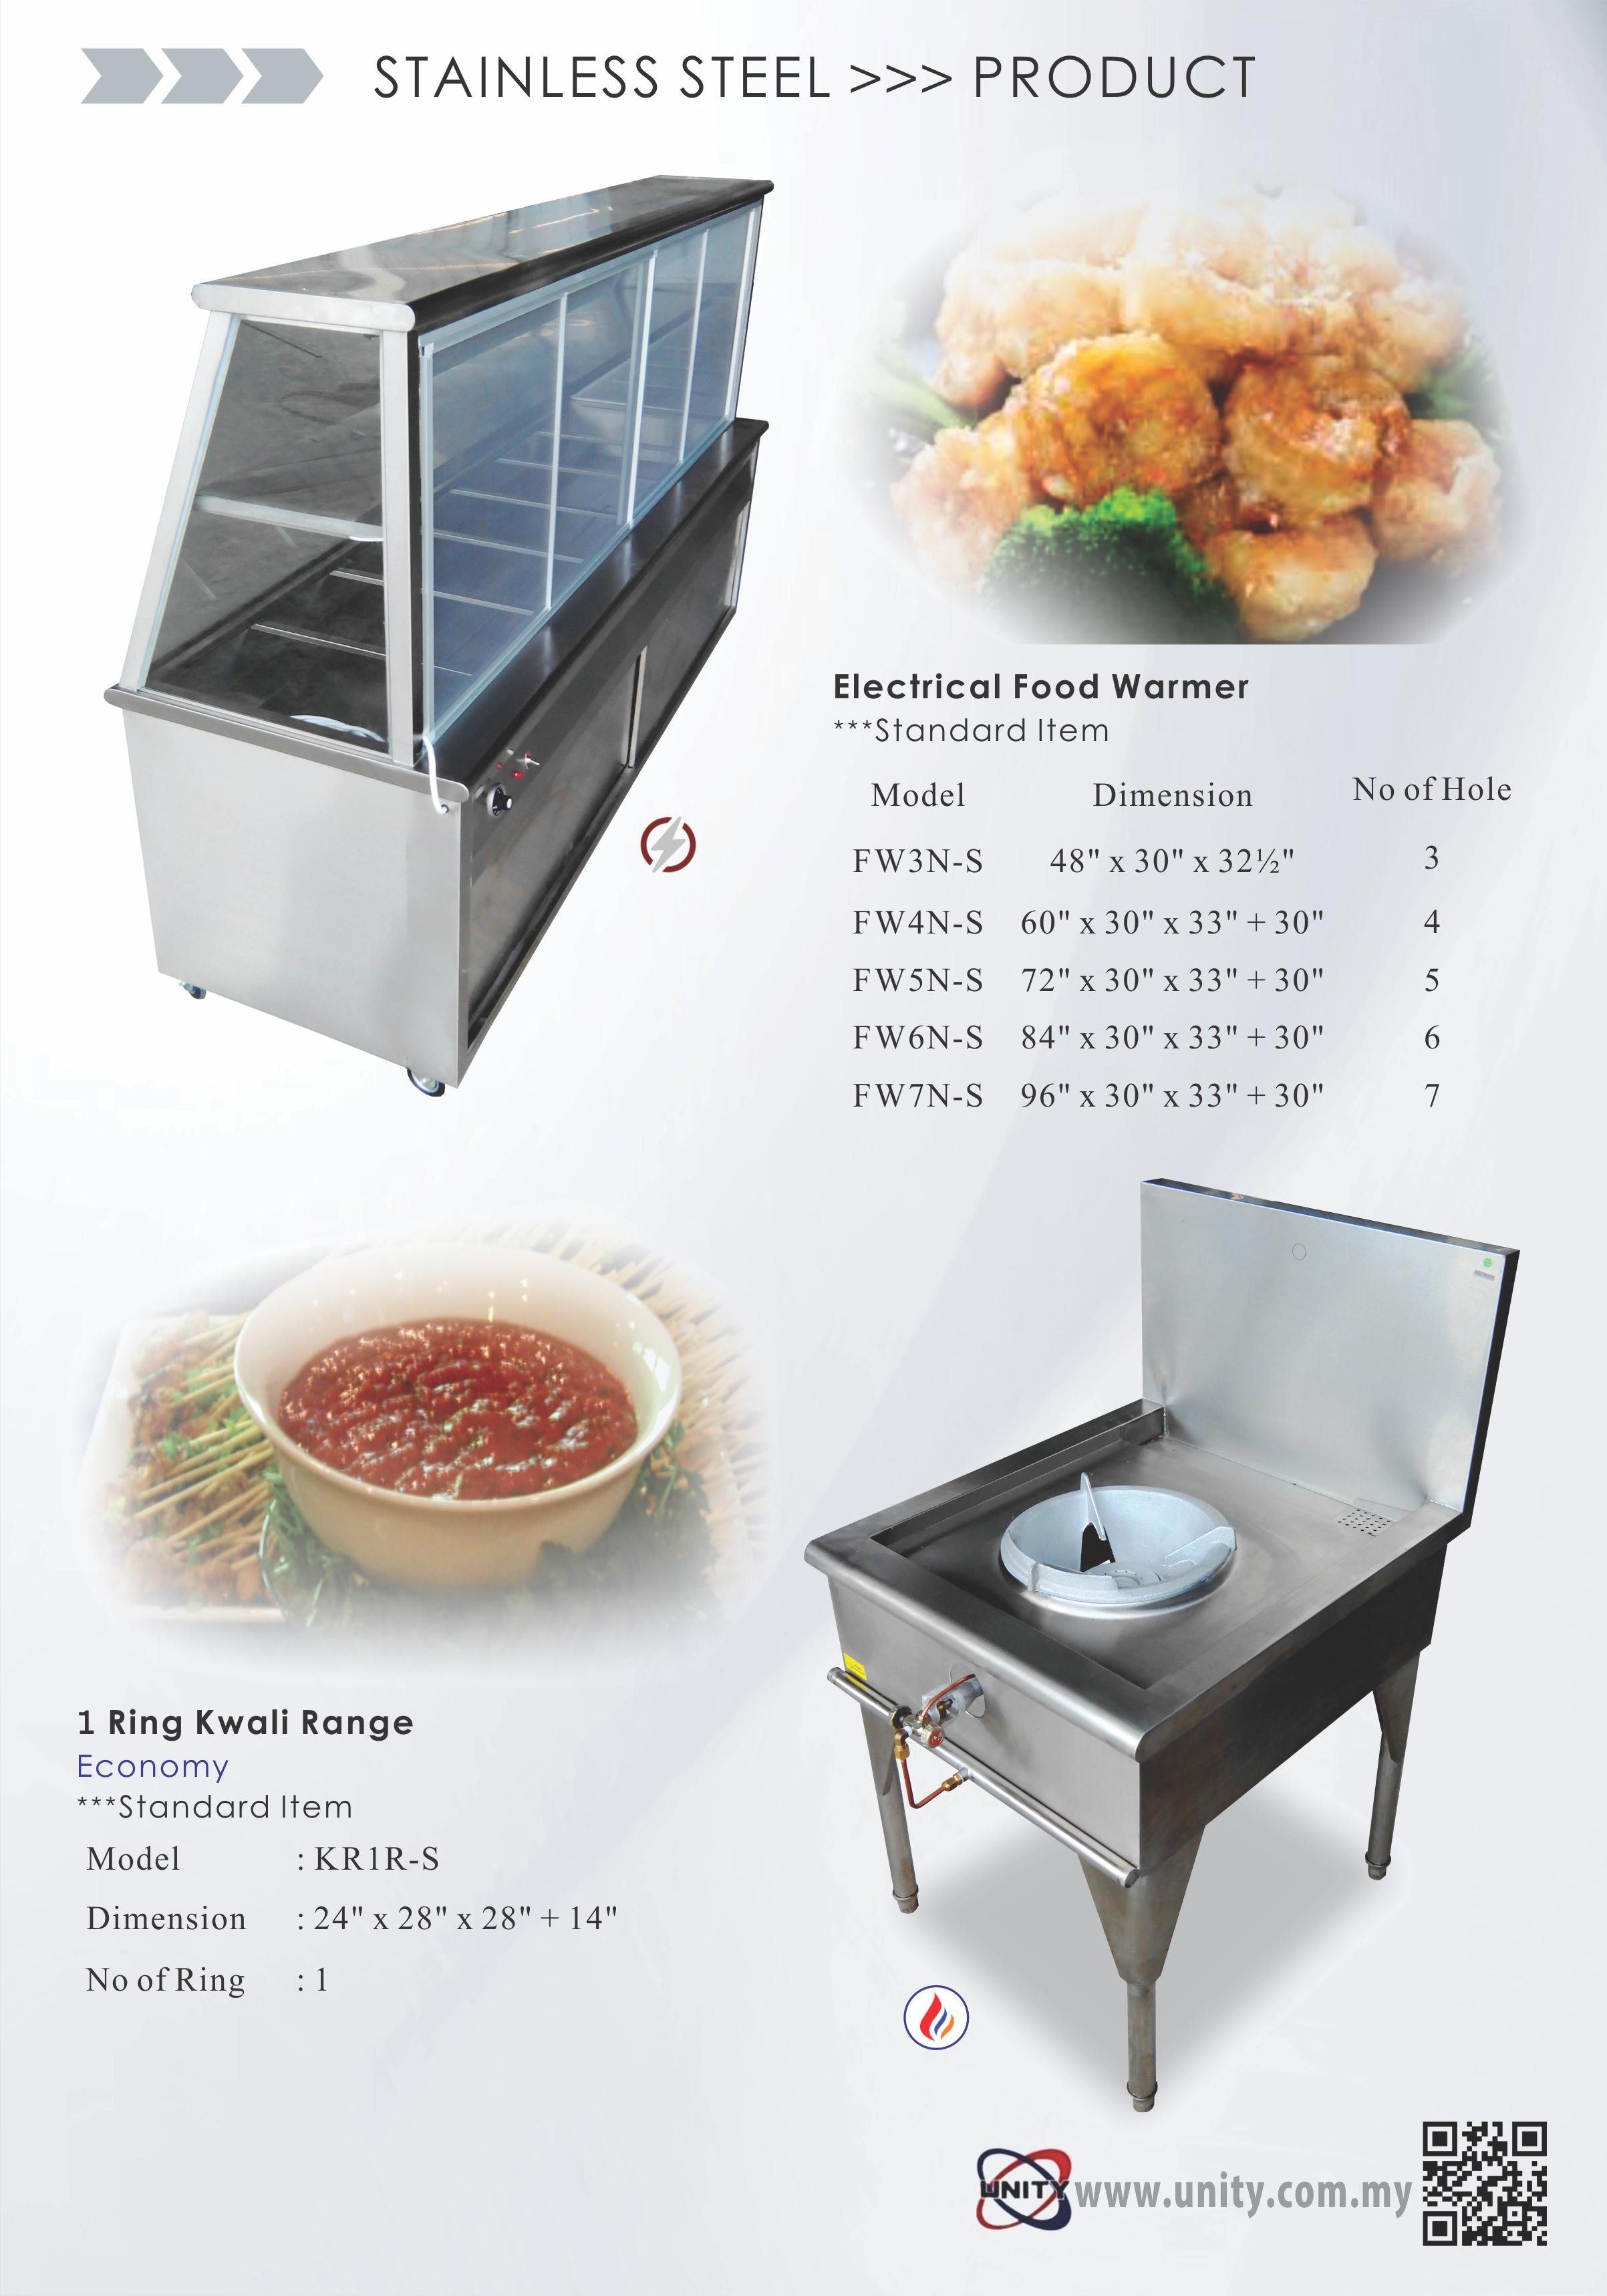 Food Warmer & 1 Ring Kwali Range